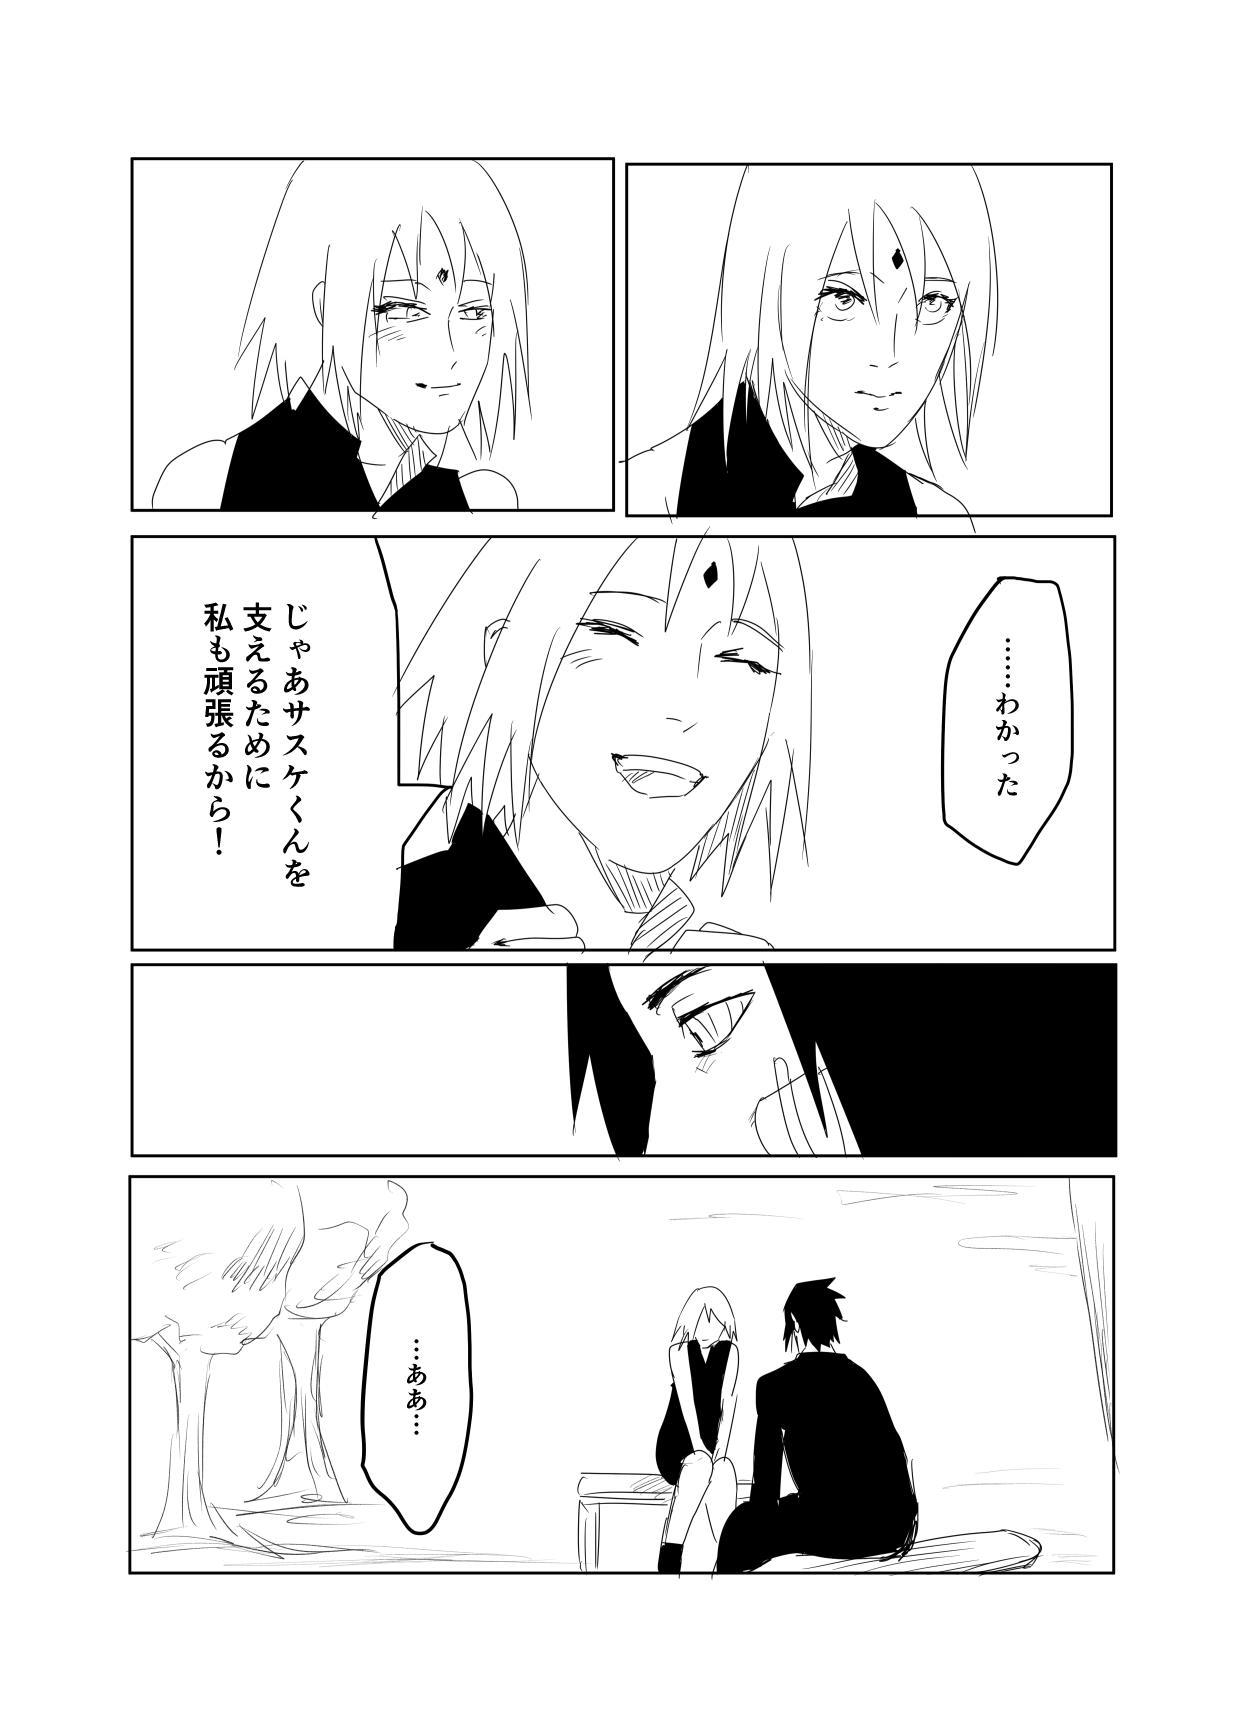 嘘告白漫画 22